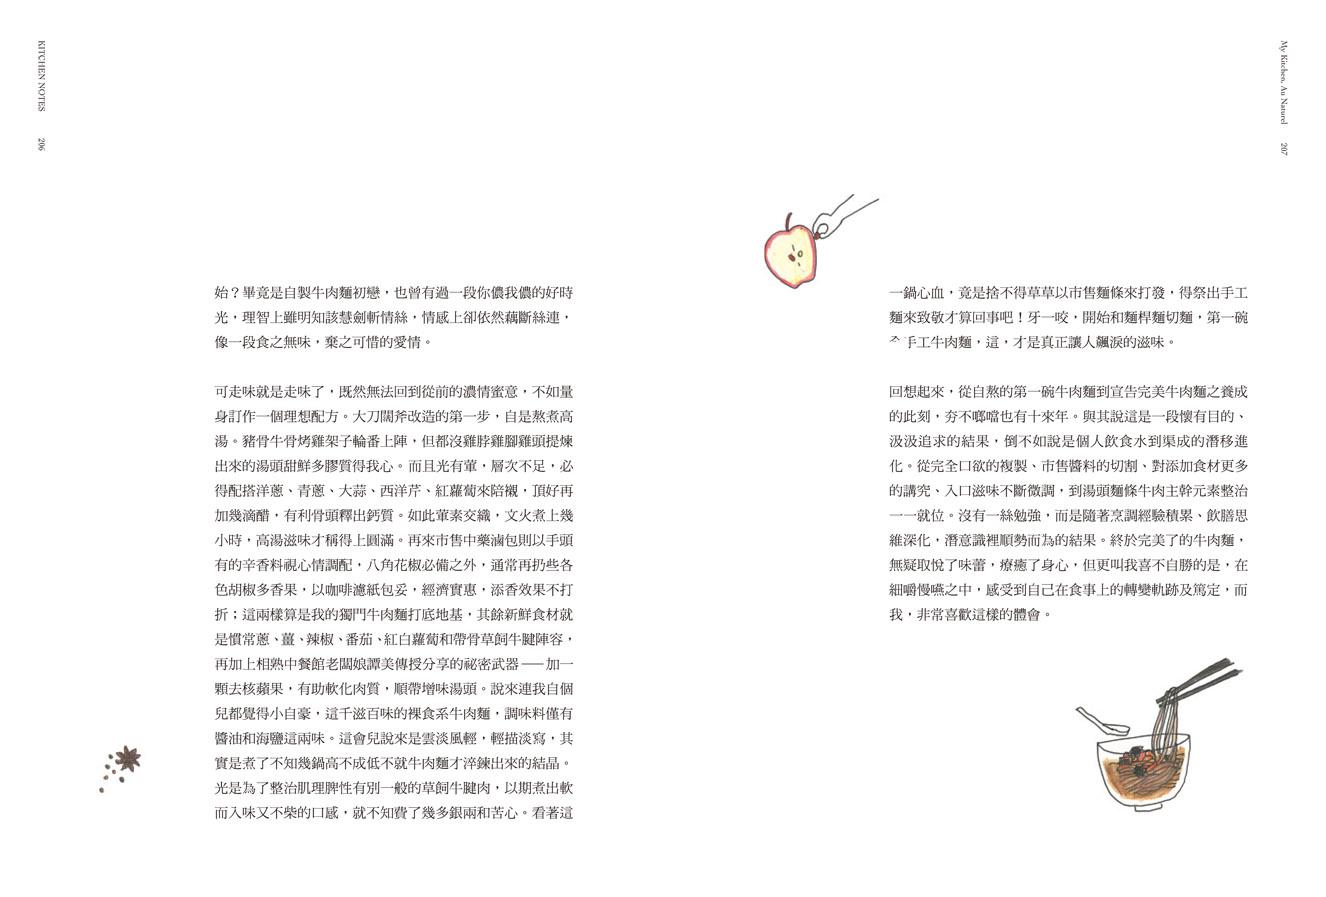 http://im2.book.com.tw/image/getImage?i=http://www.books.com.tw/img/001/067/61/0010676128_b_07.jpg&v=55631621&w=655&h=609